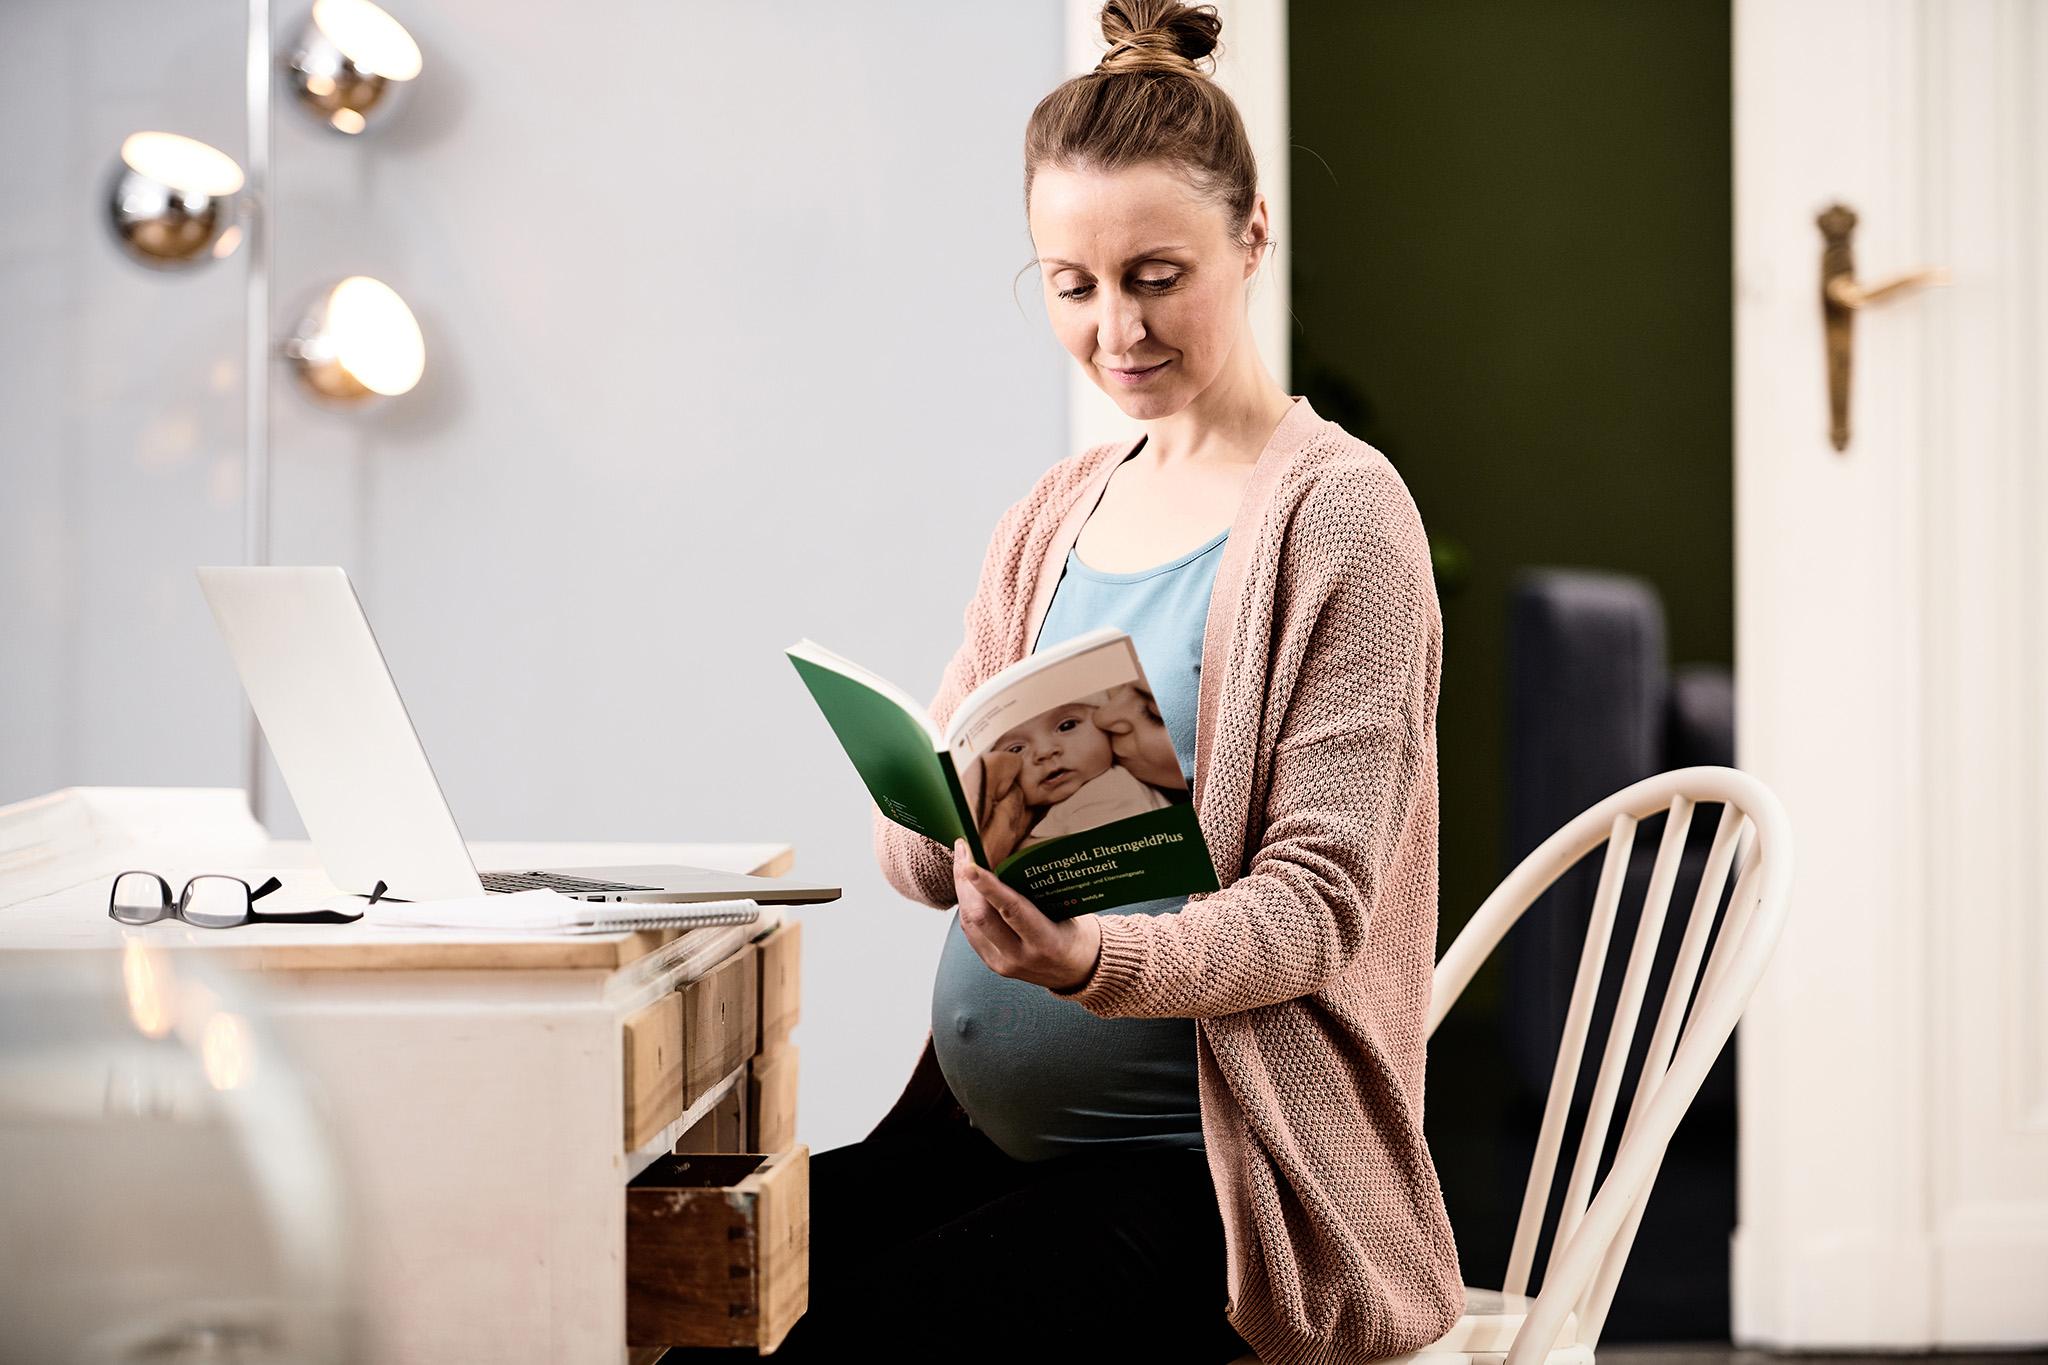 Eine schwangere Frau blättert in einer Broschüre